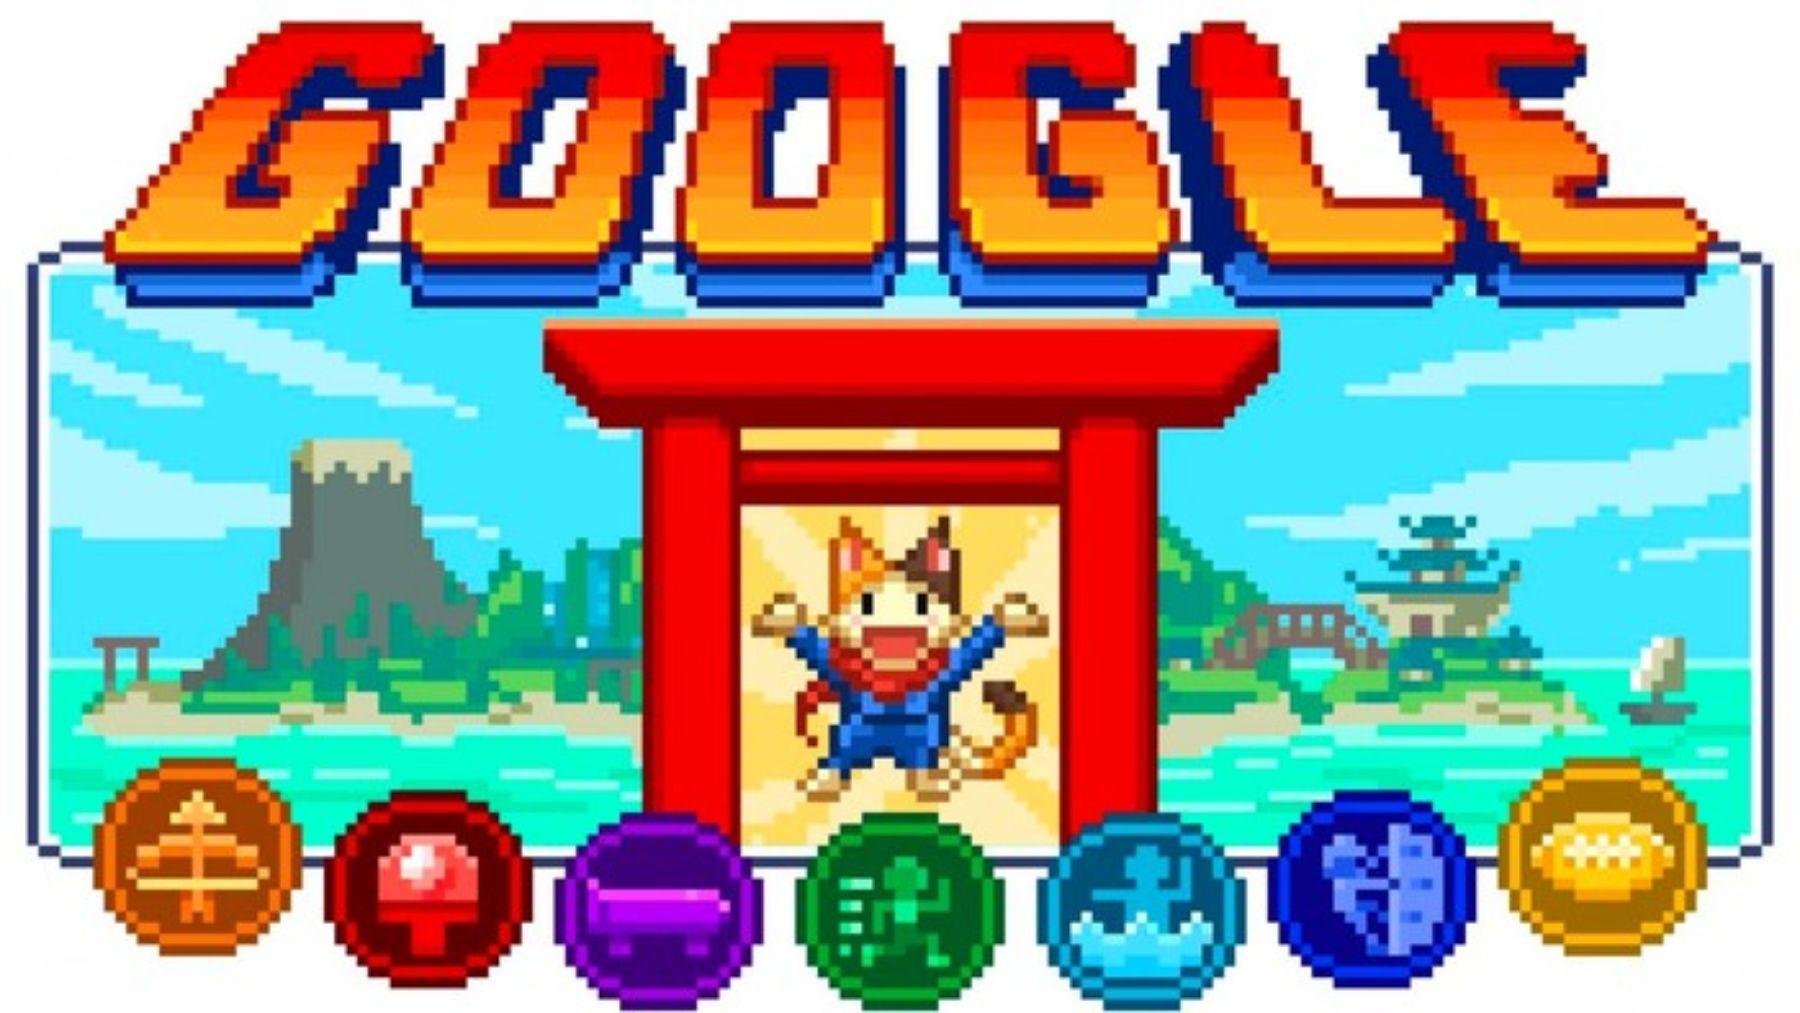 Descubre el Doodle de Goodle dedicado a los Juegos Olímpicos de Tokio 2020